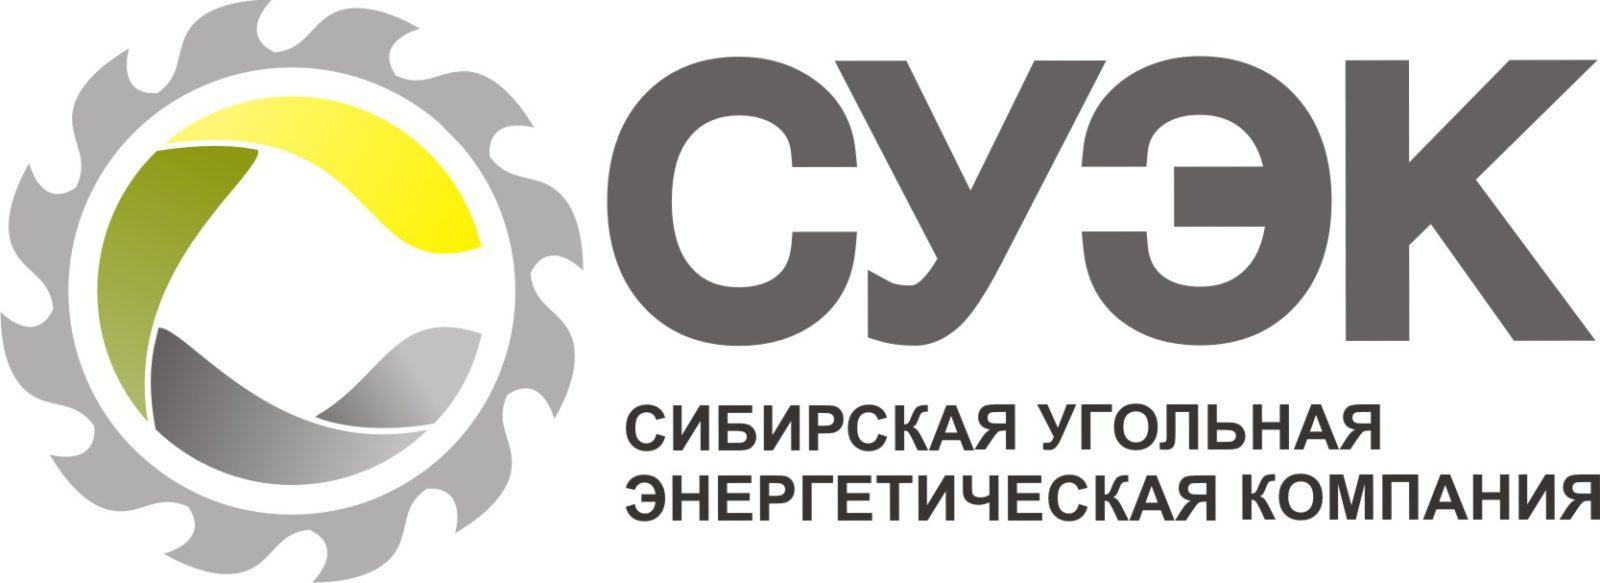 СУЭК Андрея Мельниченко обнародовала новый отчет в области устойчивого развития